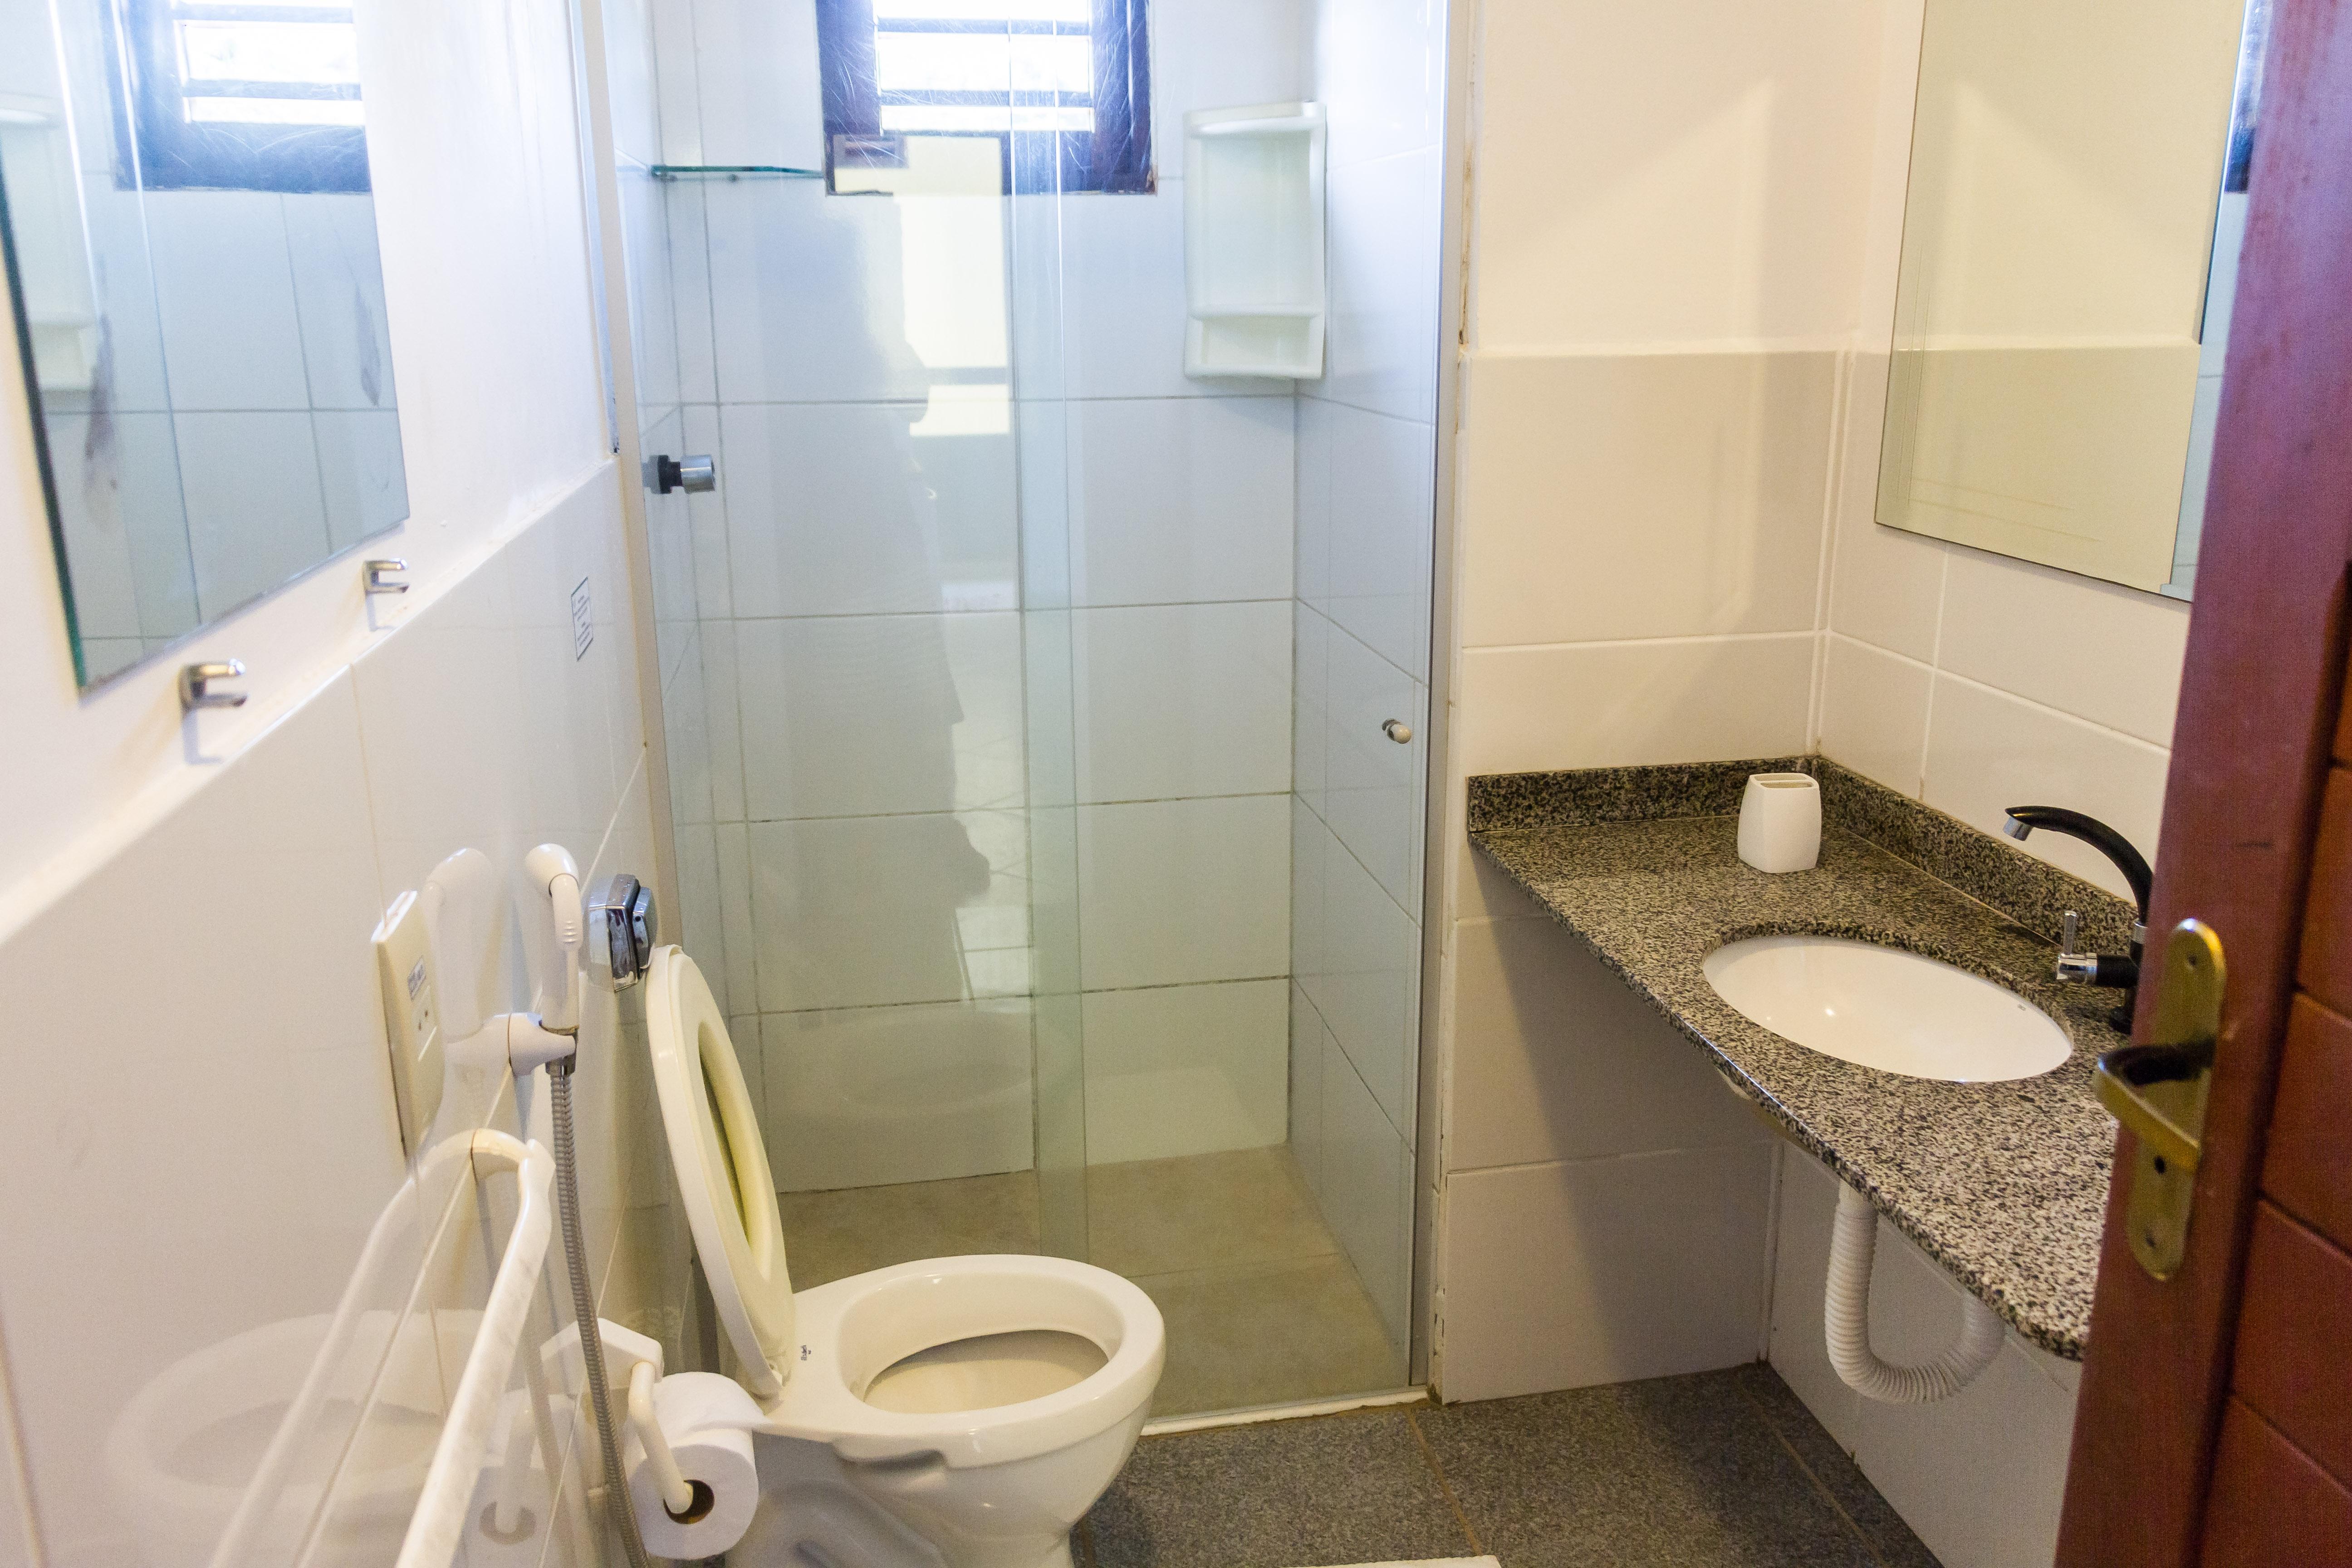 quad toilet